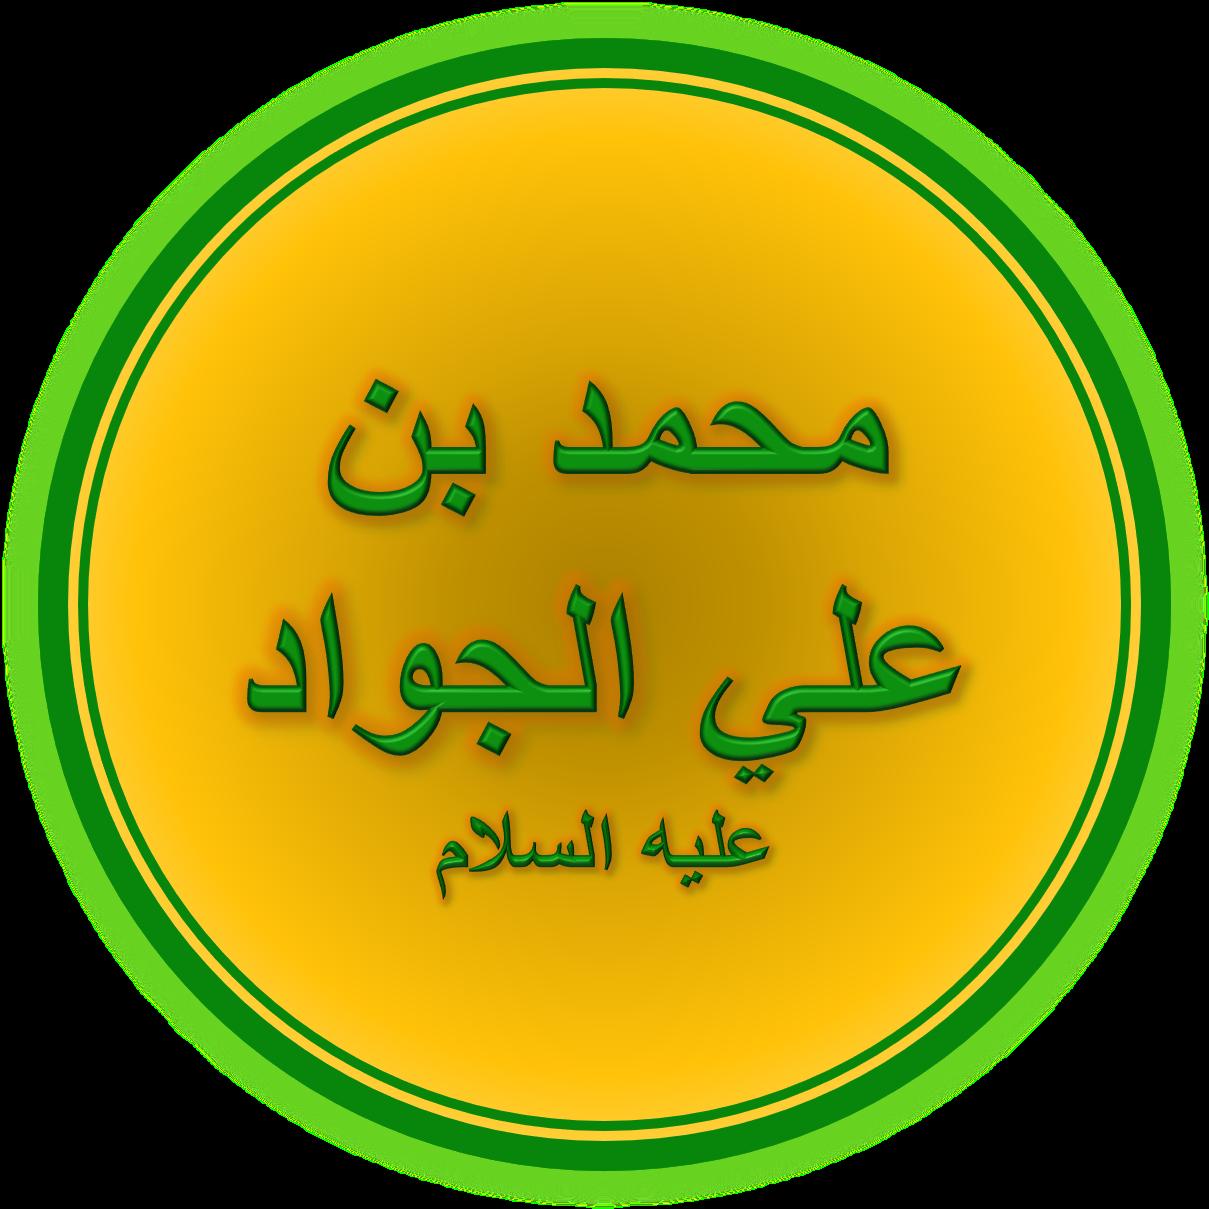 Muhammad al-Jawad - Wikipedia